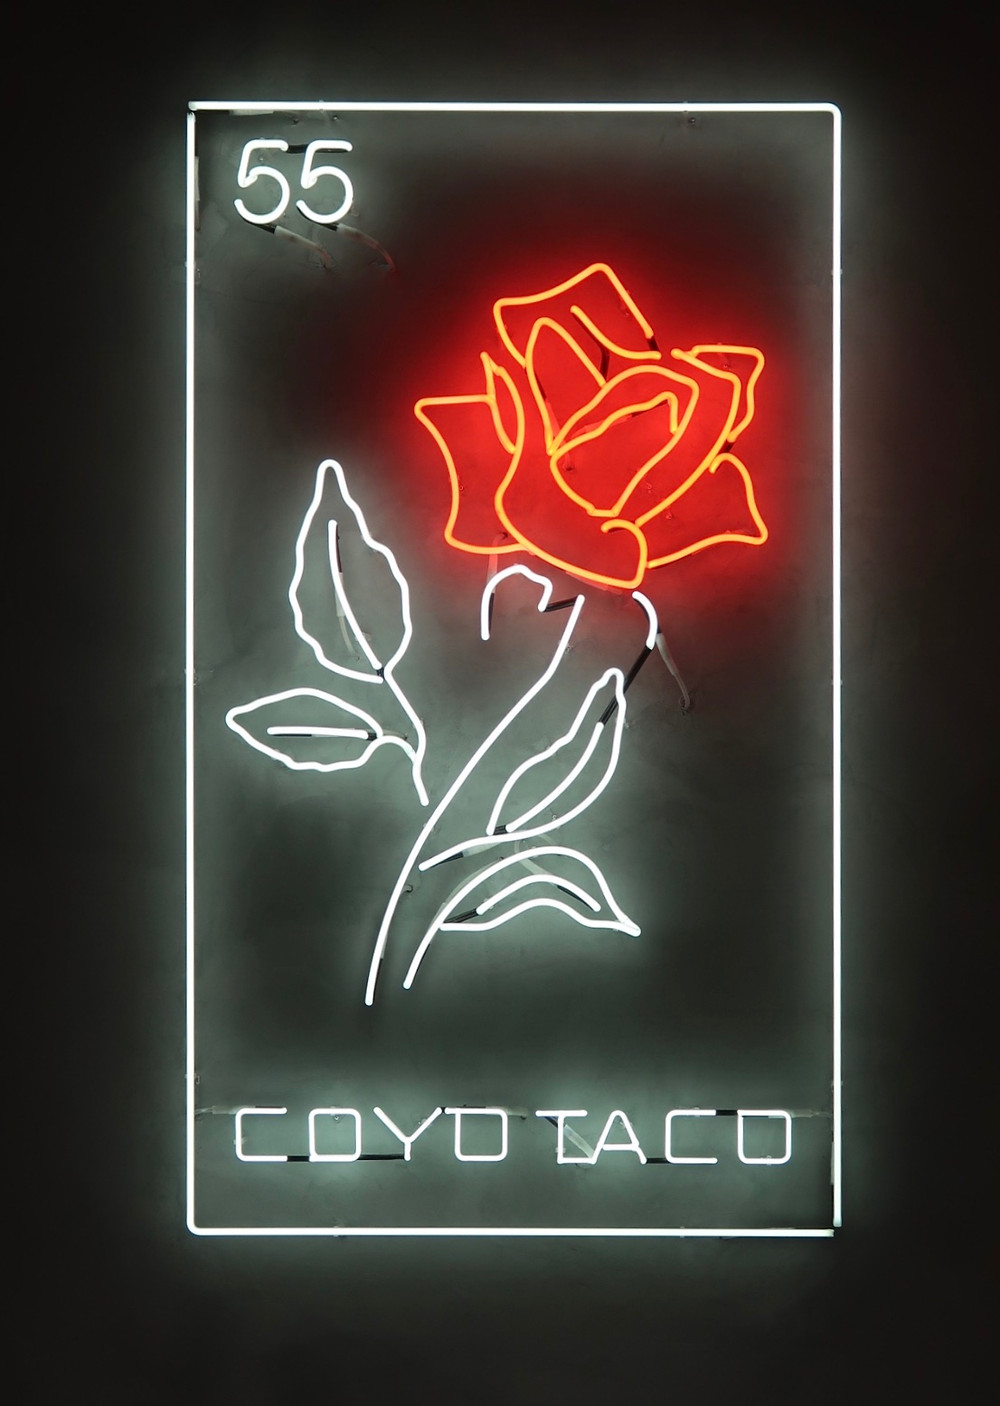 Coyo taco bar paris